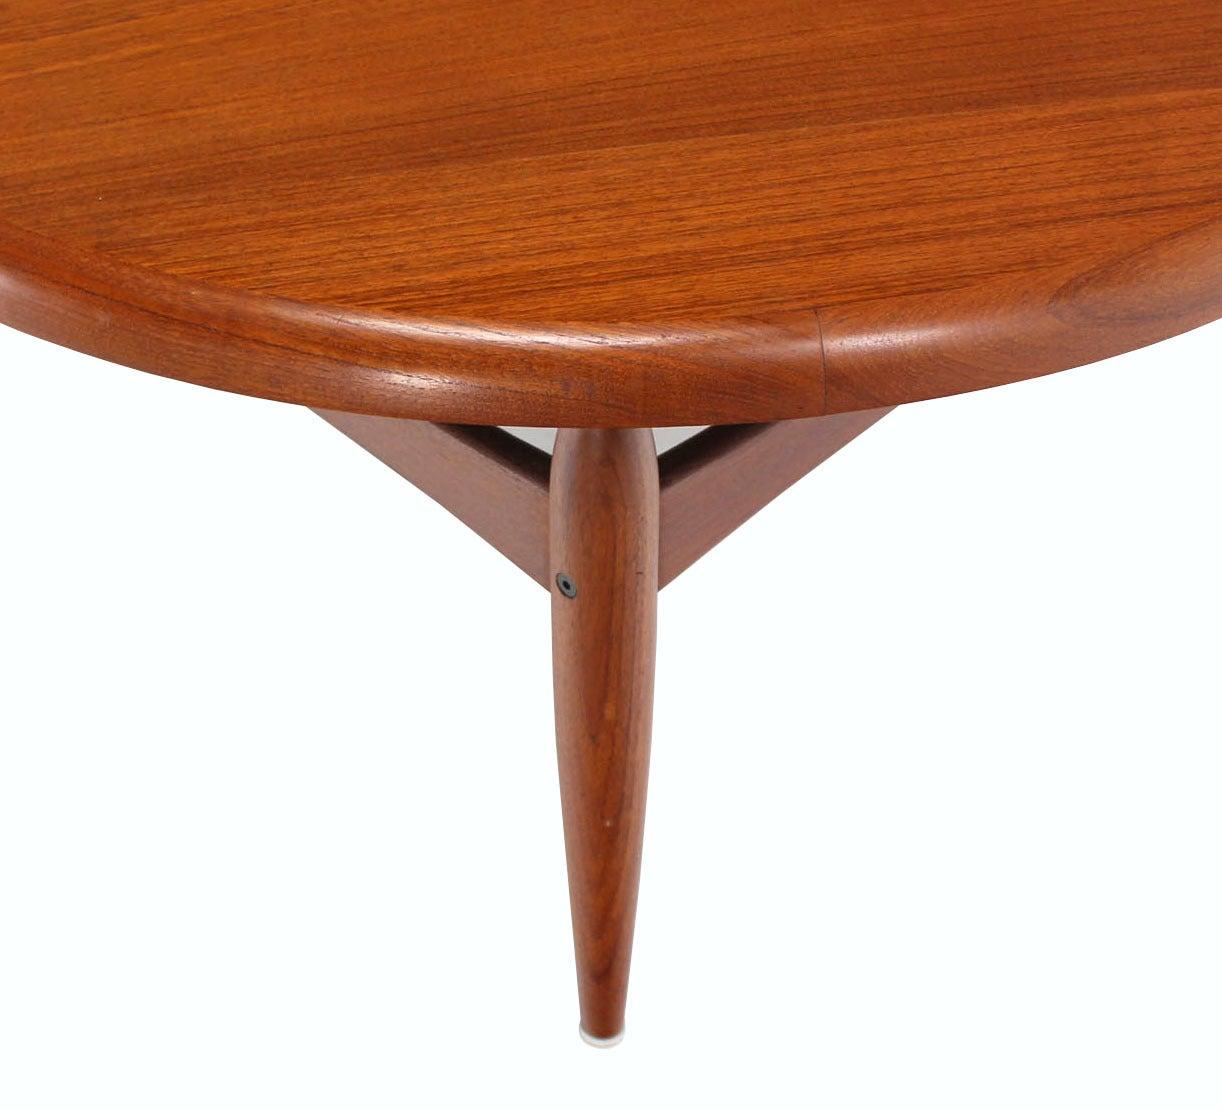 Round Teak Coffee Table: Reversible Flip-Top Danish Modern Round Teak Coffee Table